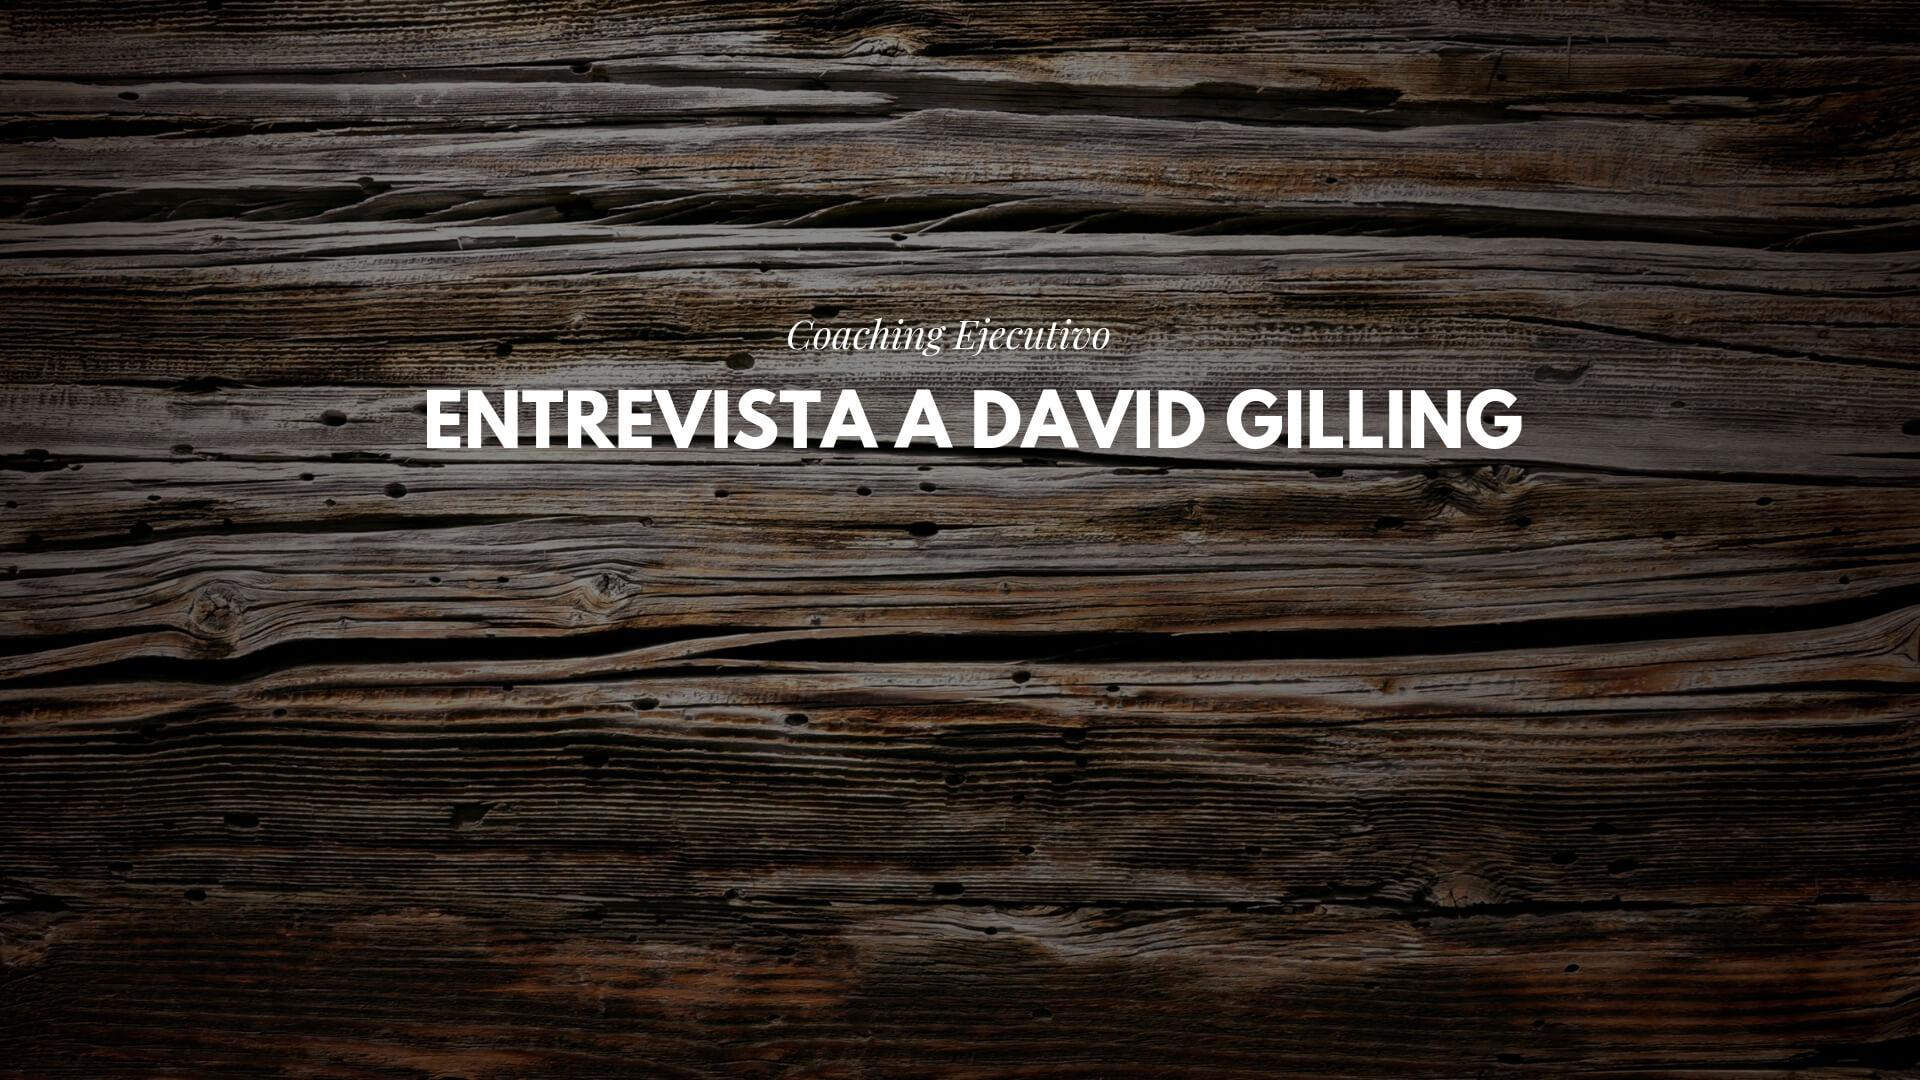 Entrevista a David Gilling